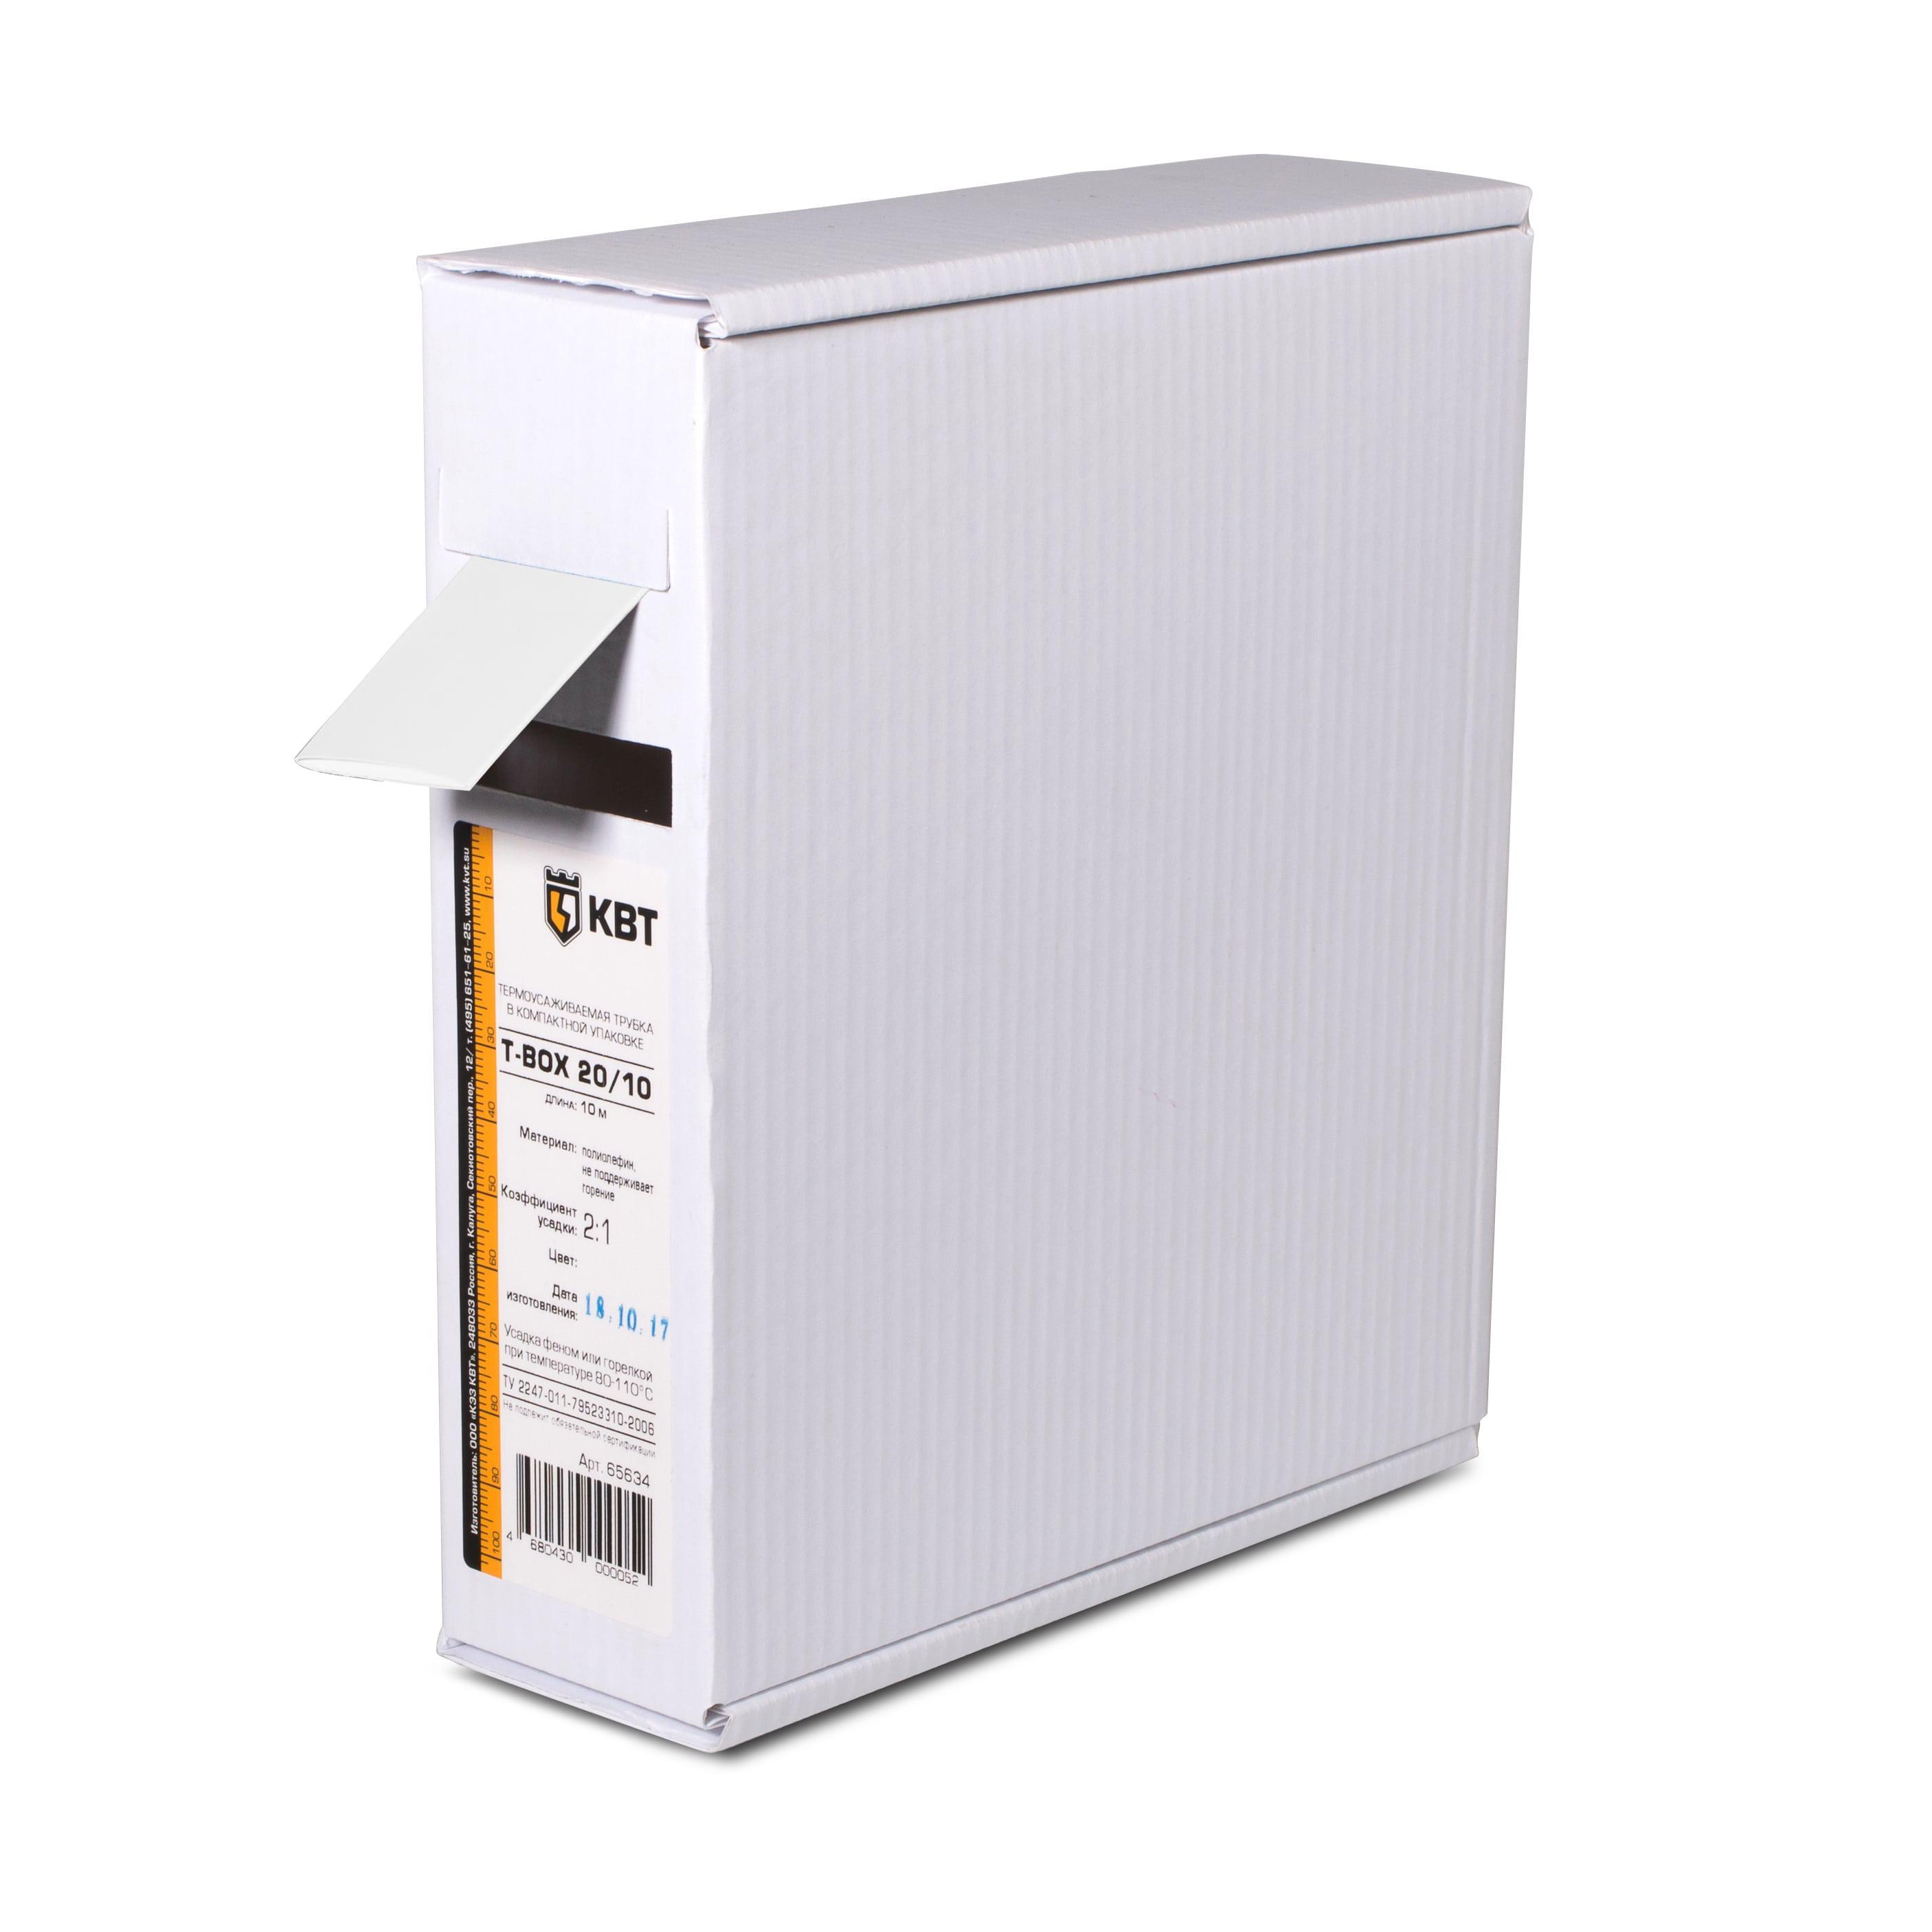 Термоусадочная трубка КВТ Т-box-20/10 бел 10м